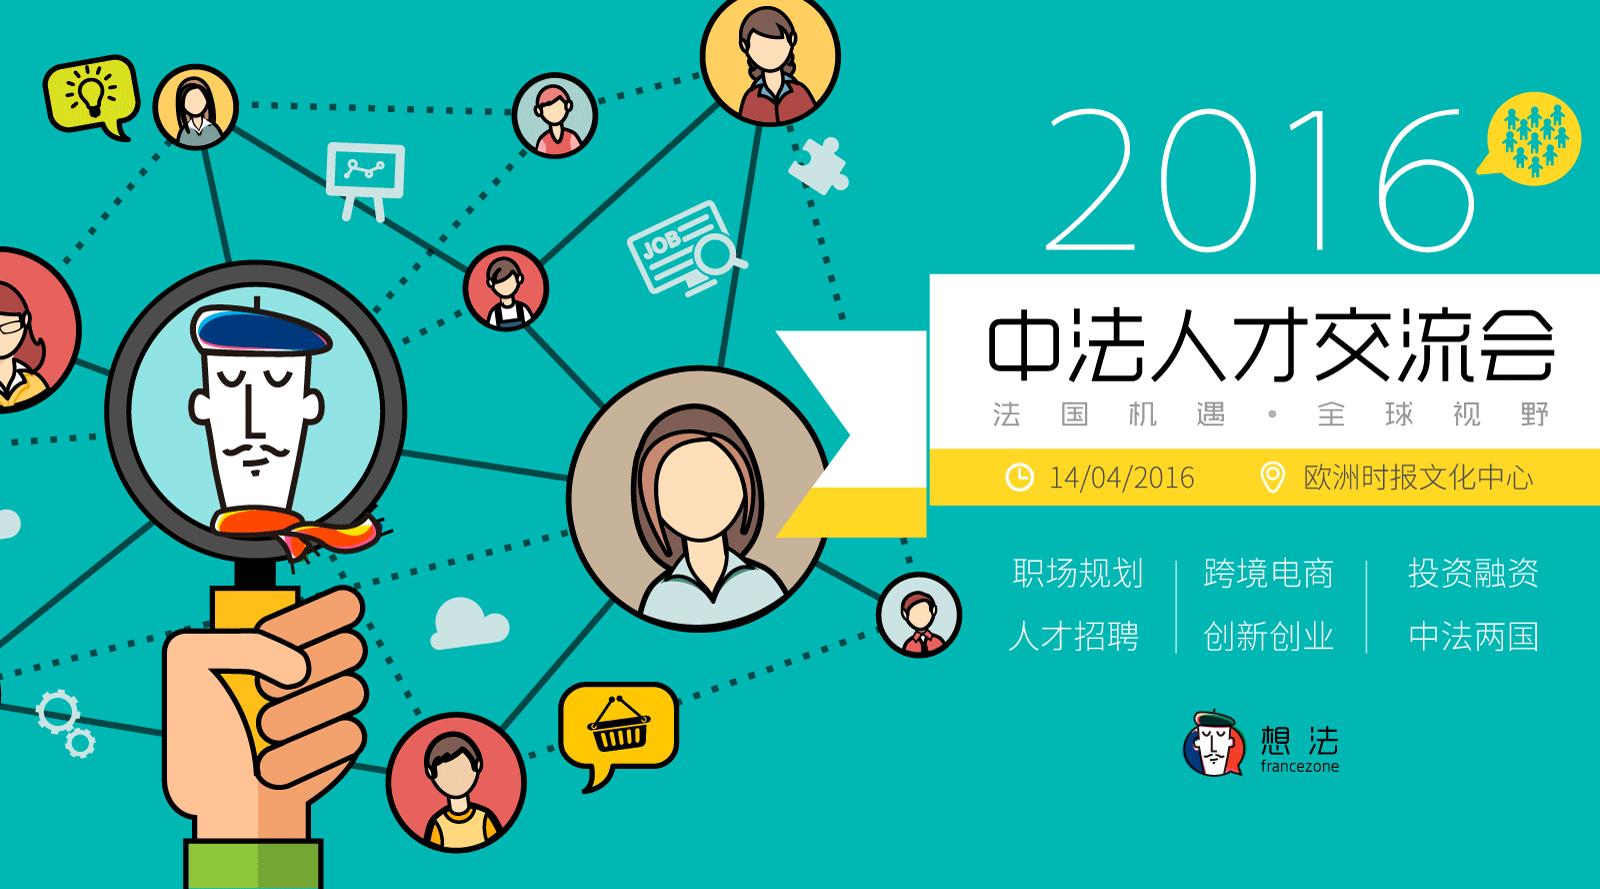 聚焦 | 2016人才交流会